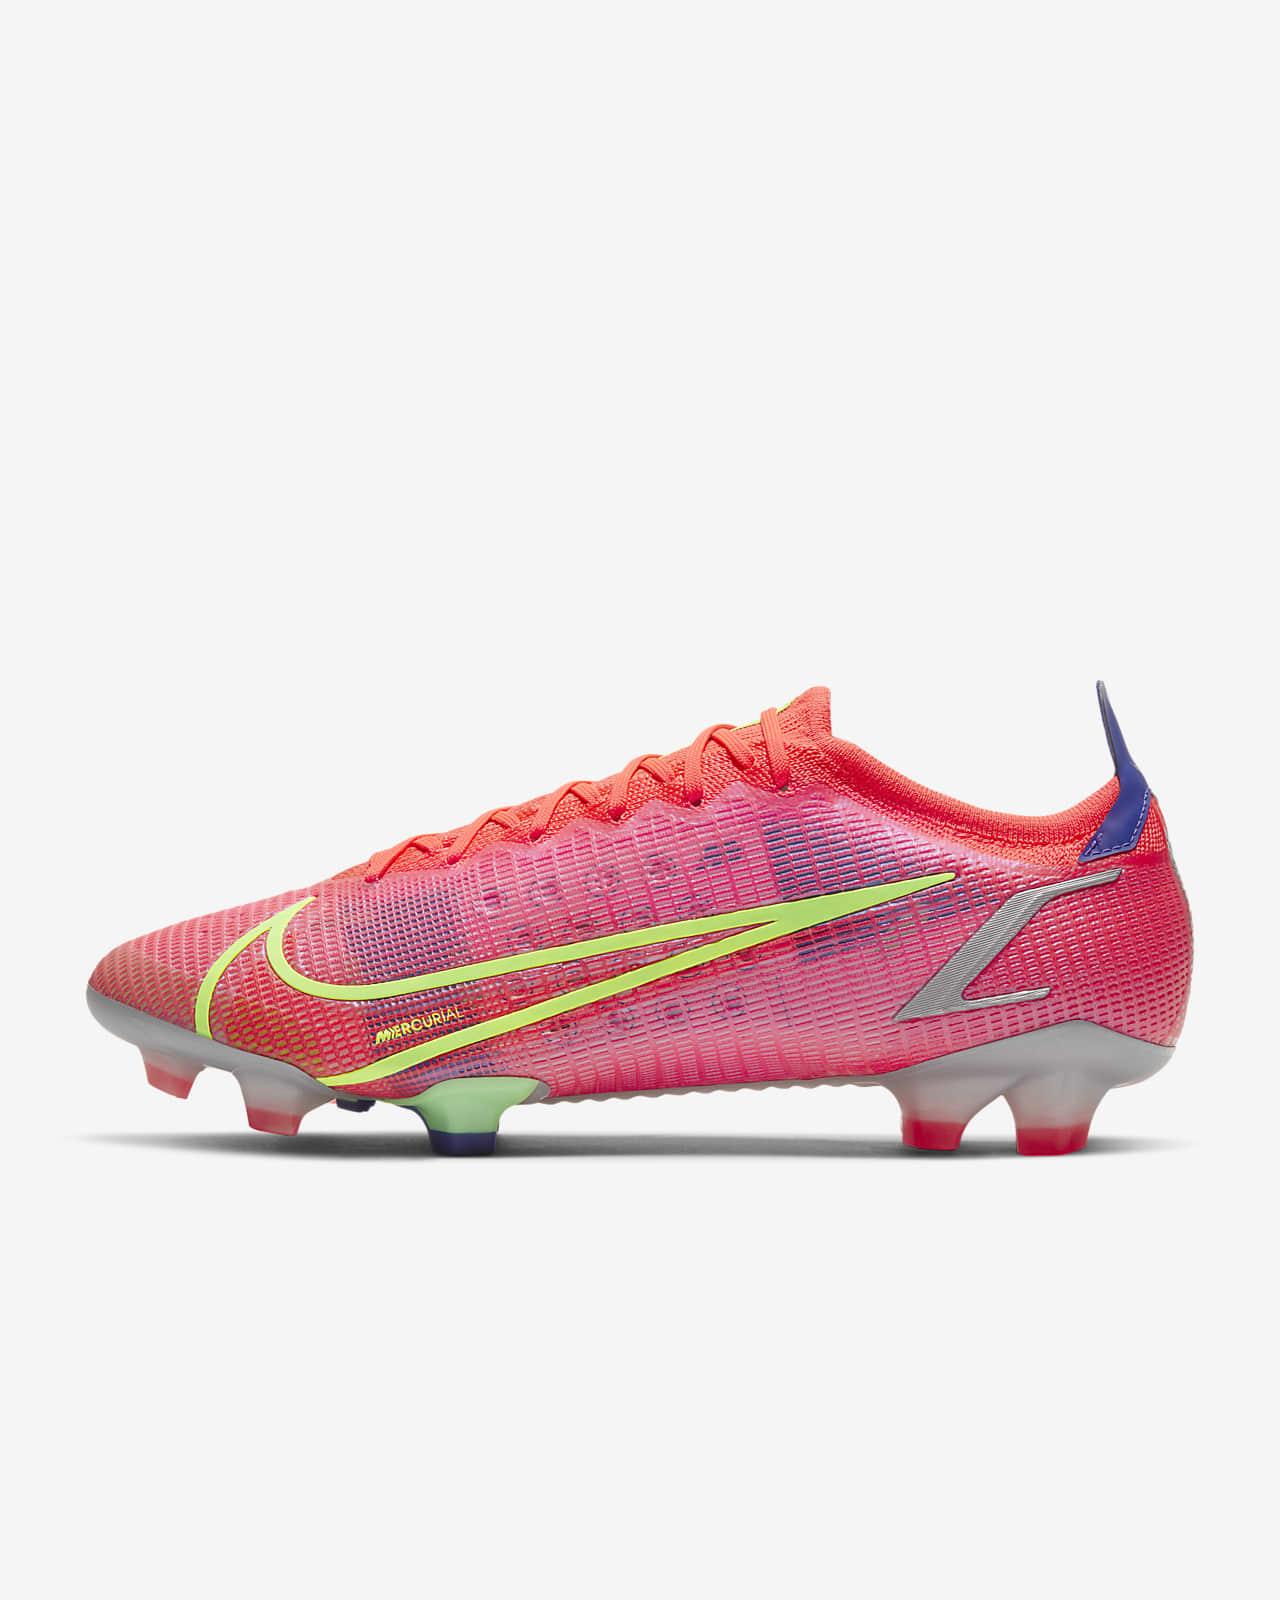 Nike Mercurial Vapor 14 Elite FG-fodboldstøvle til græs